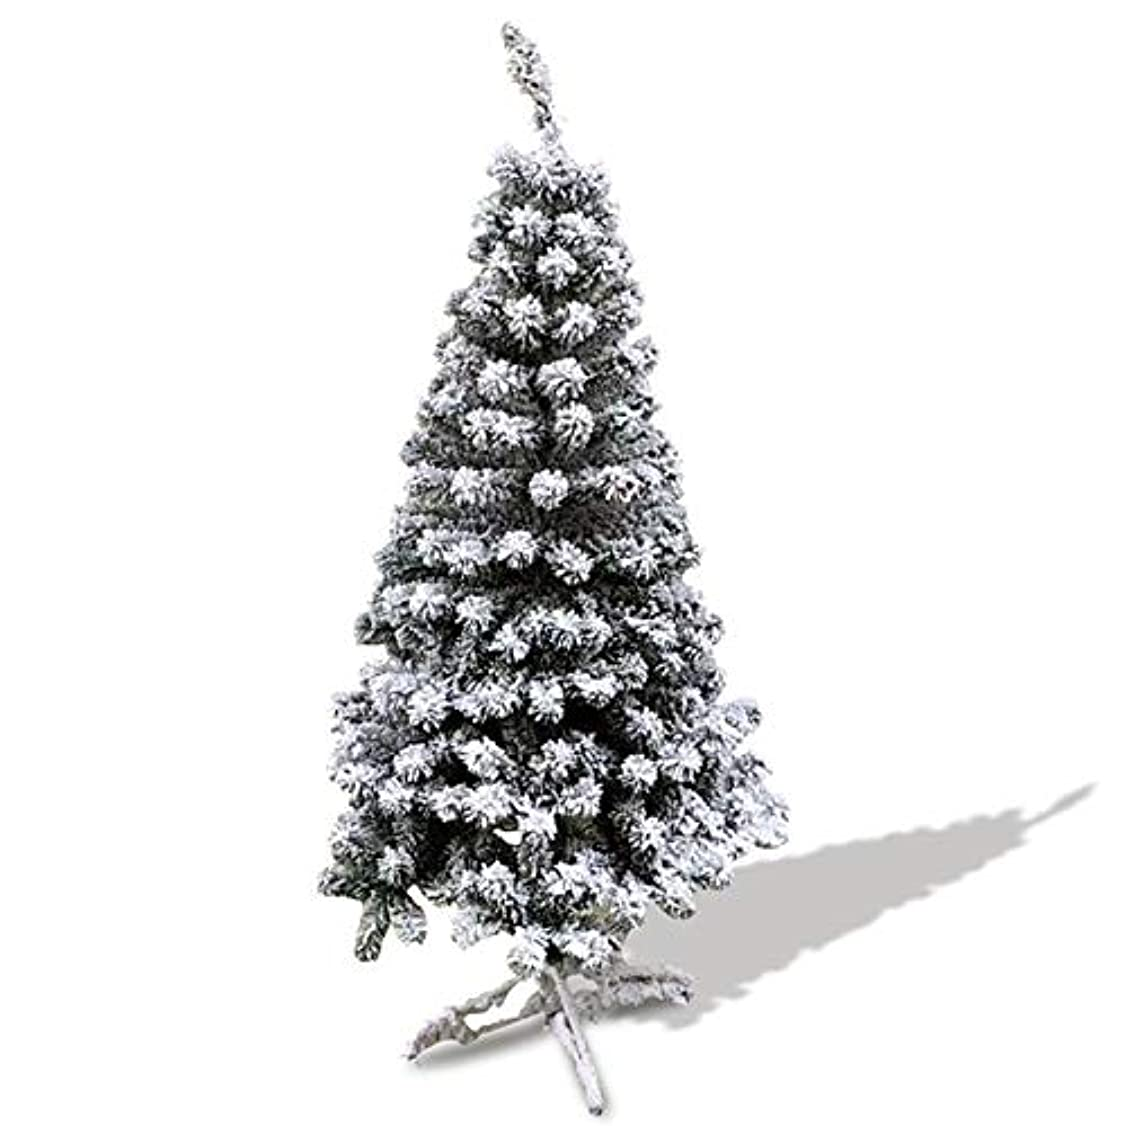 困った事実上王室VeroMan クリスマス ツリー スノーホワイト 雪化粧 210cm